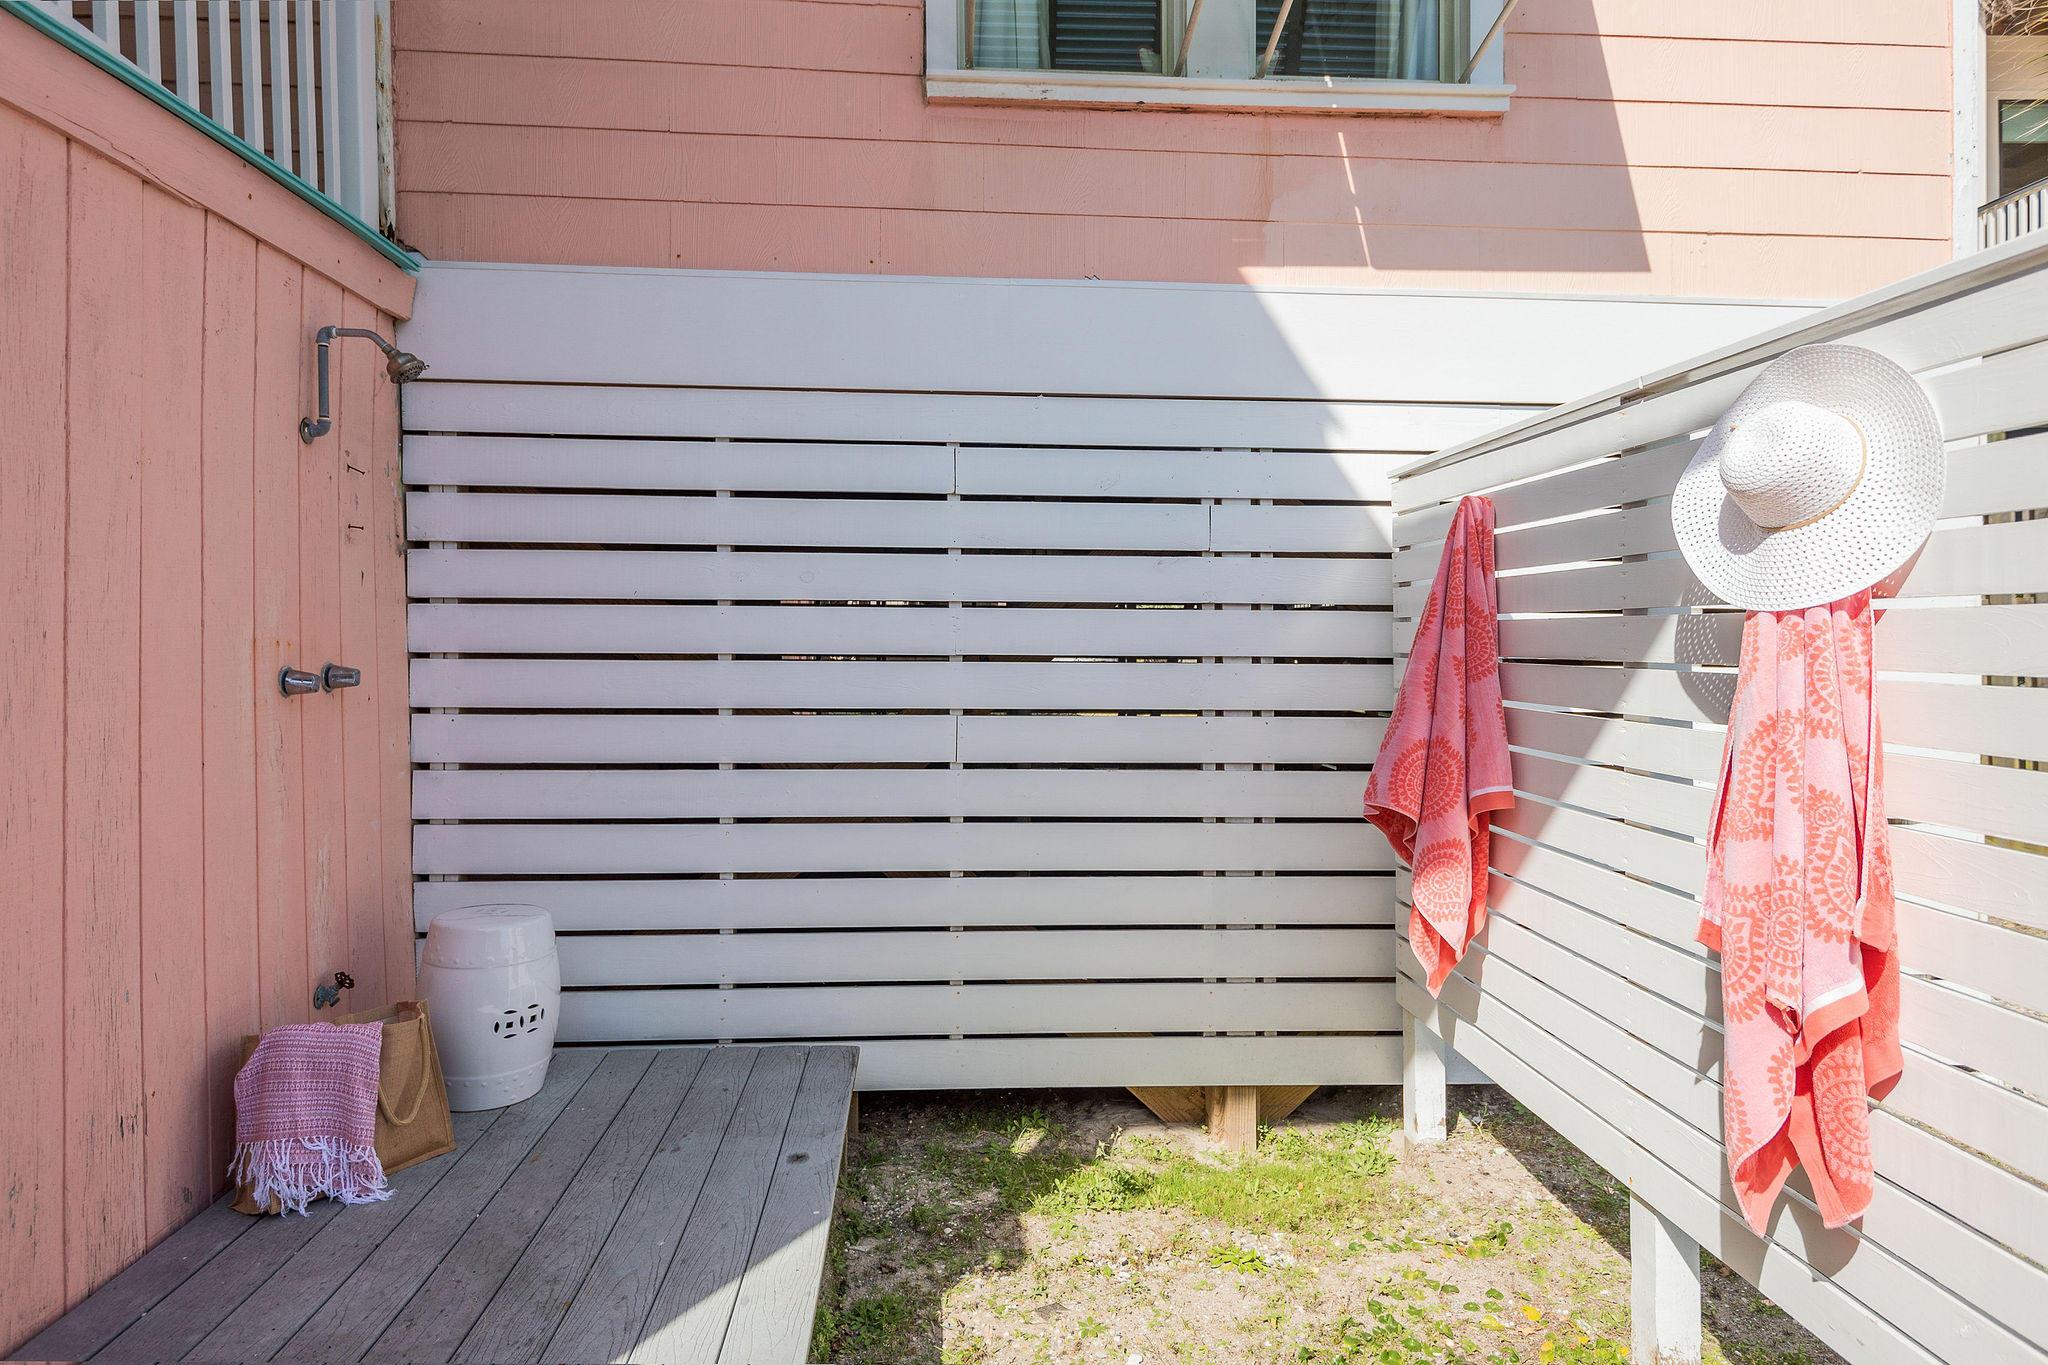 Folly Beach Homes For Sale - 509 Ashley, Folly Beach, SC - 75